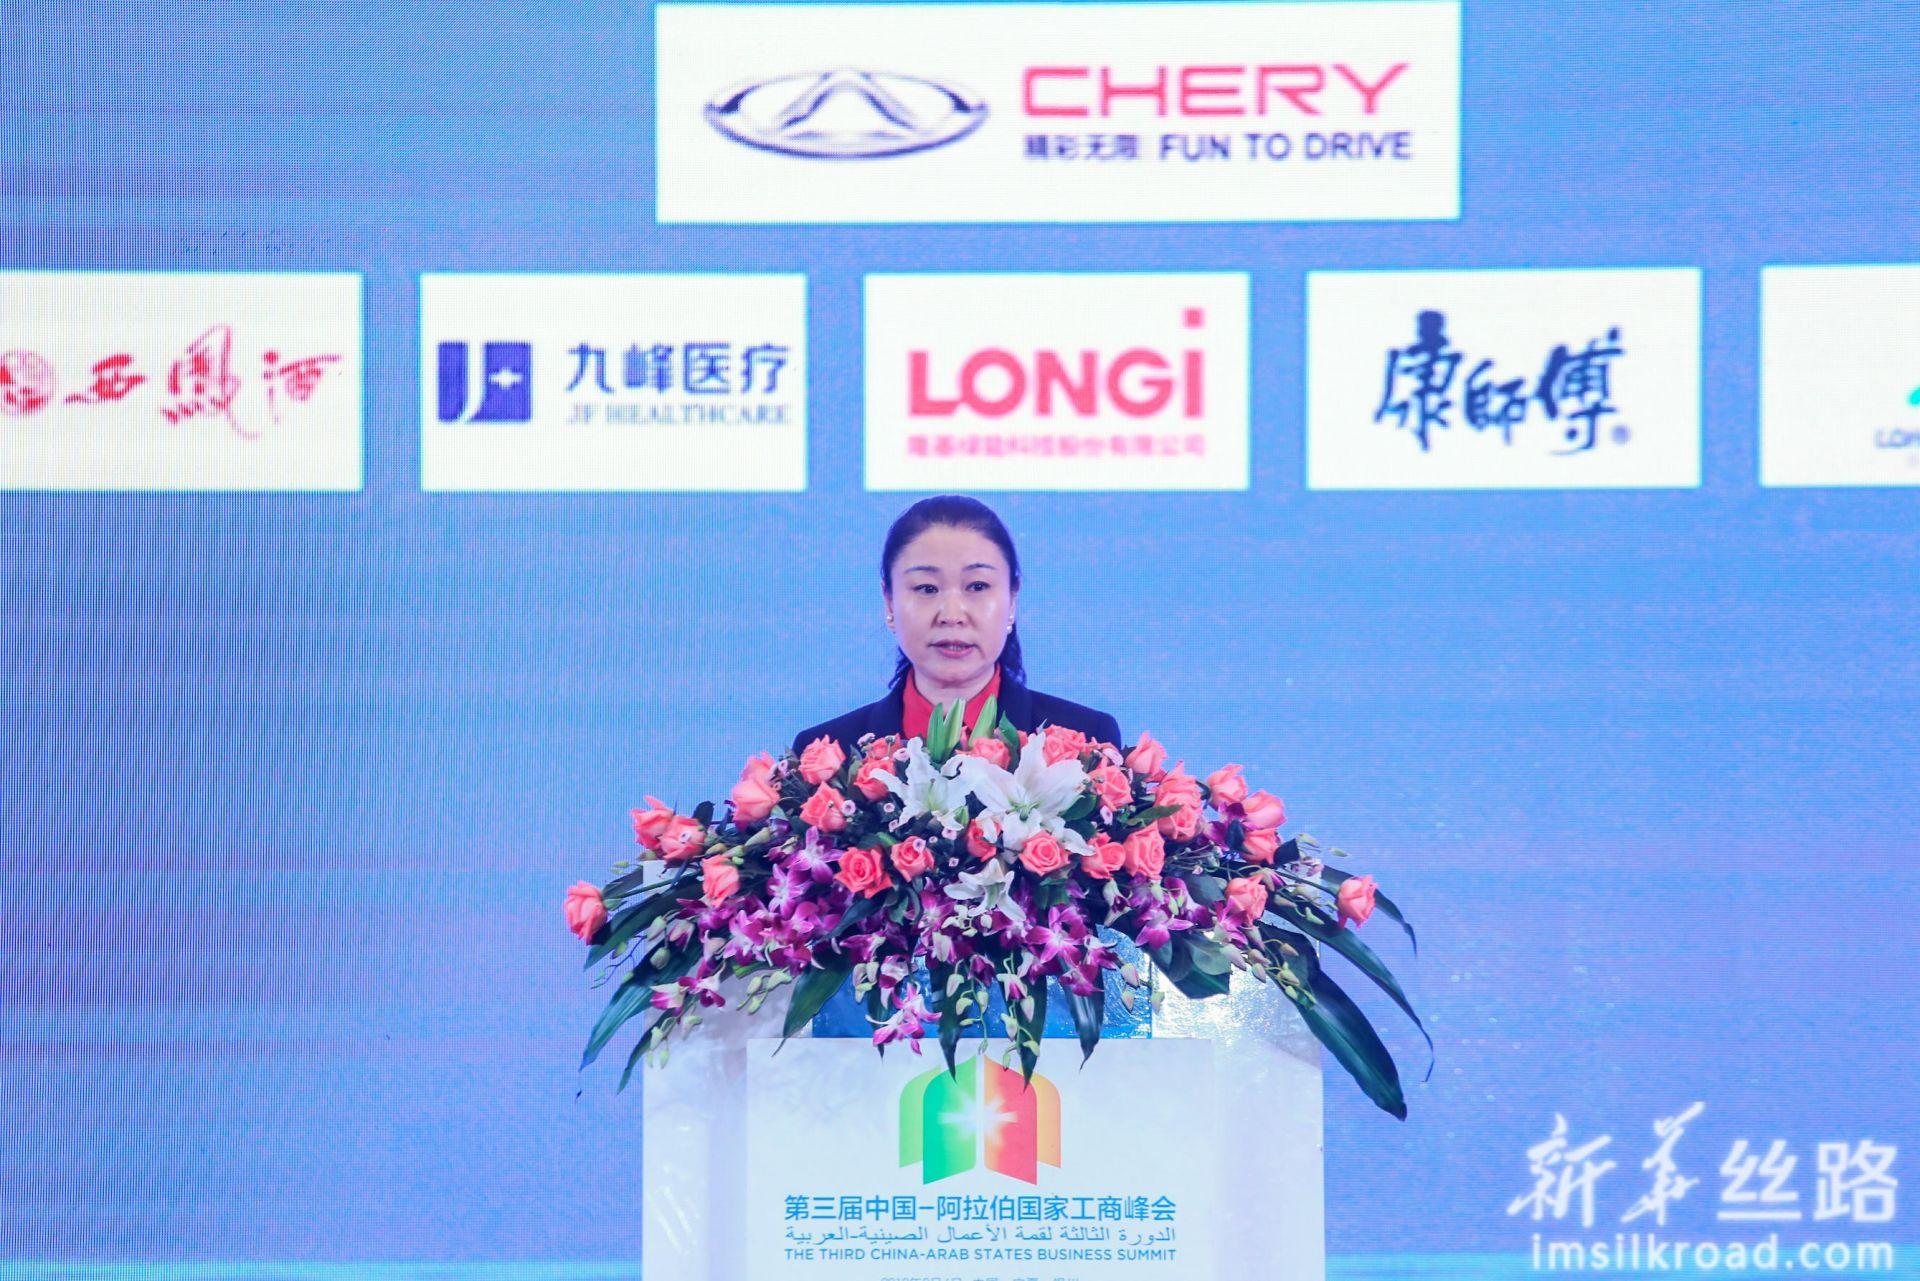 新华社民族品牌、中阿工商峰会友情支持西凤集团副总经理周艳花发言。